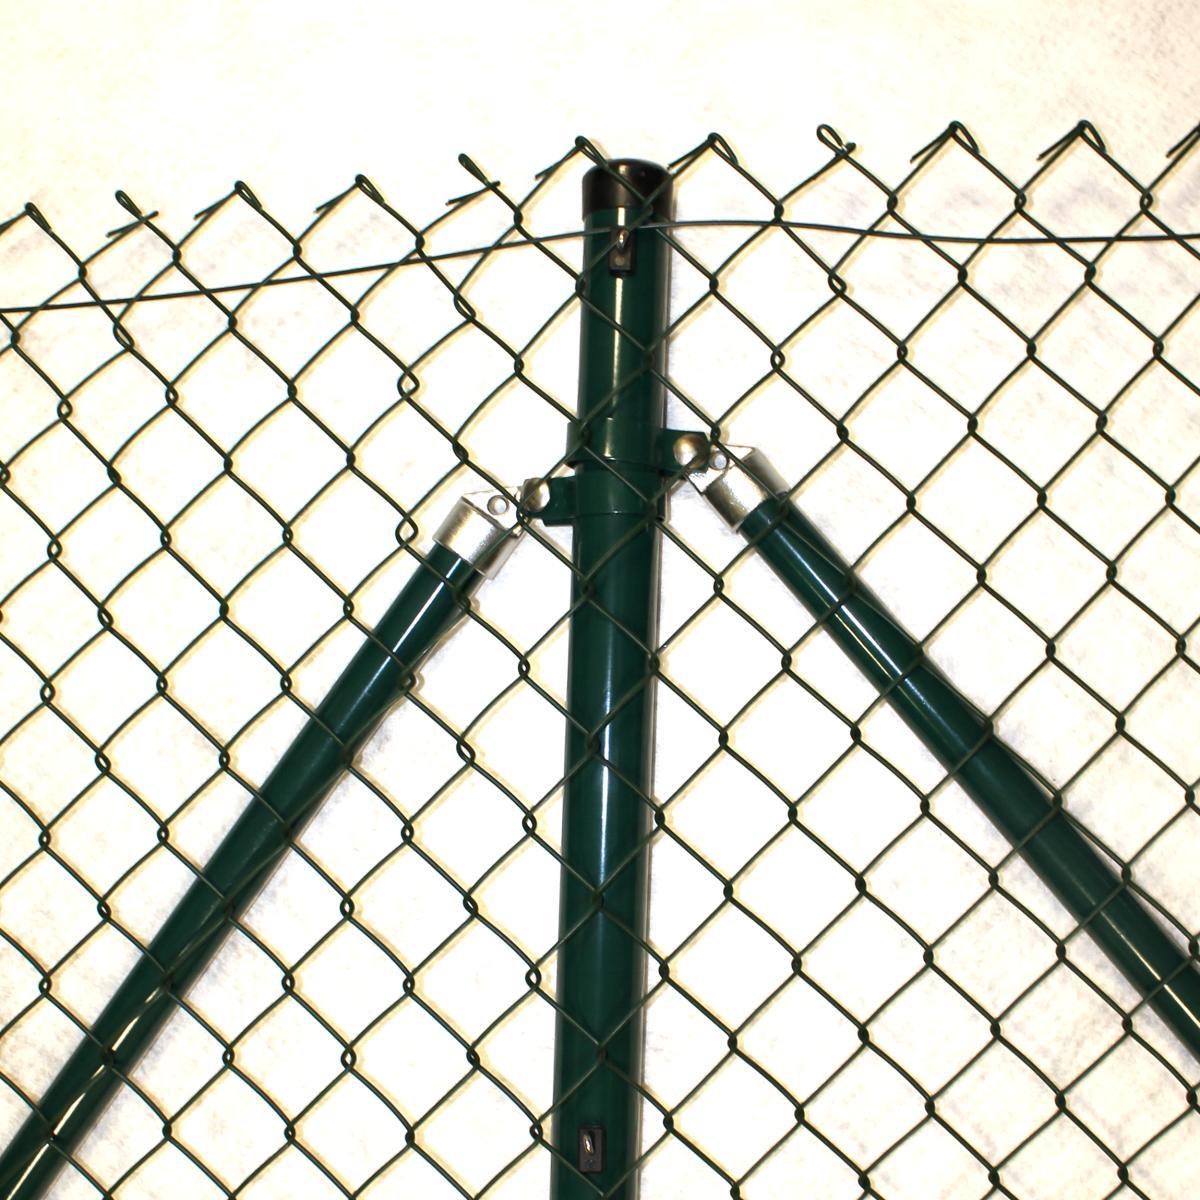 Elegant Maschendrahtzaun Montage | Einzigartige Ideen zum Sichtschutz